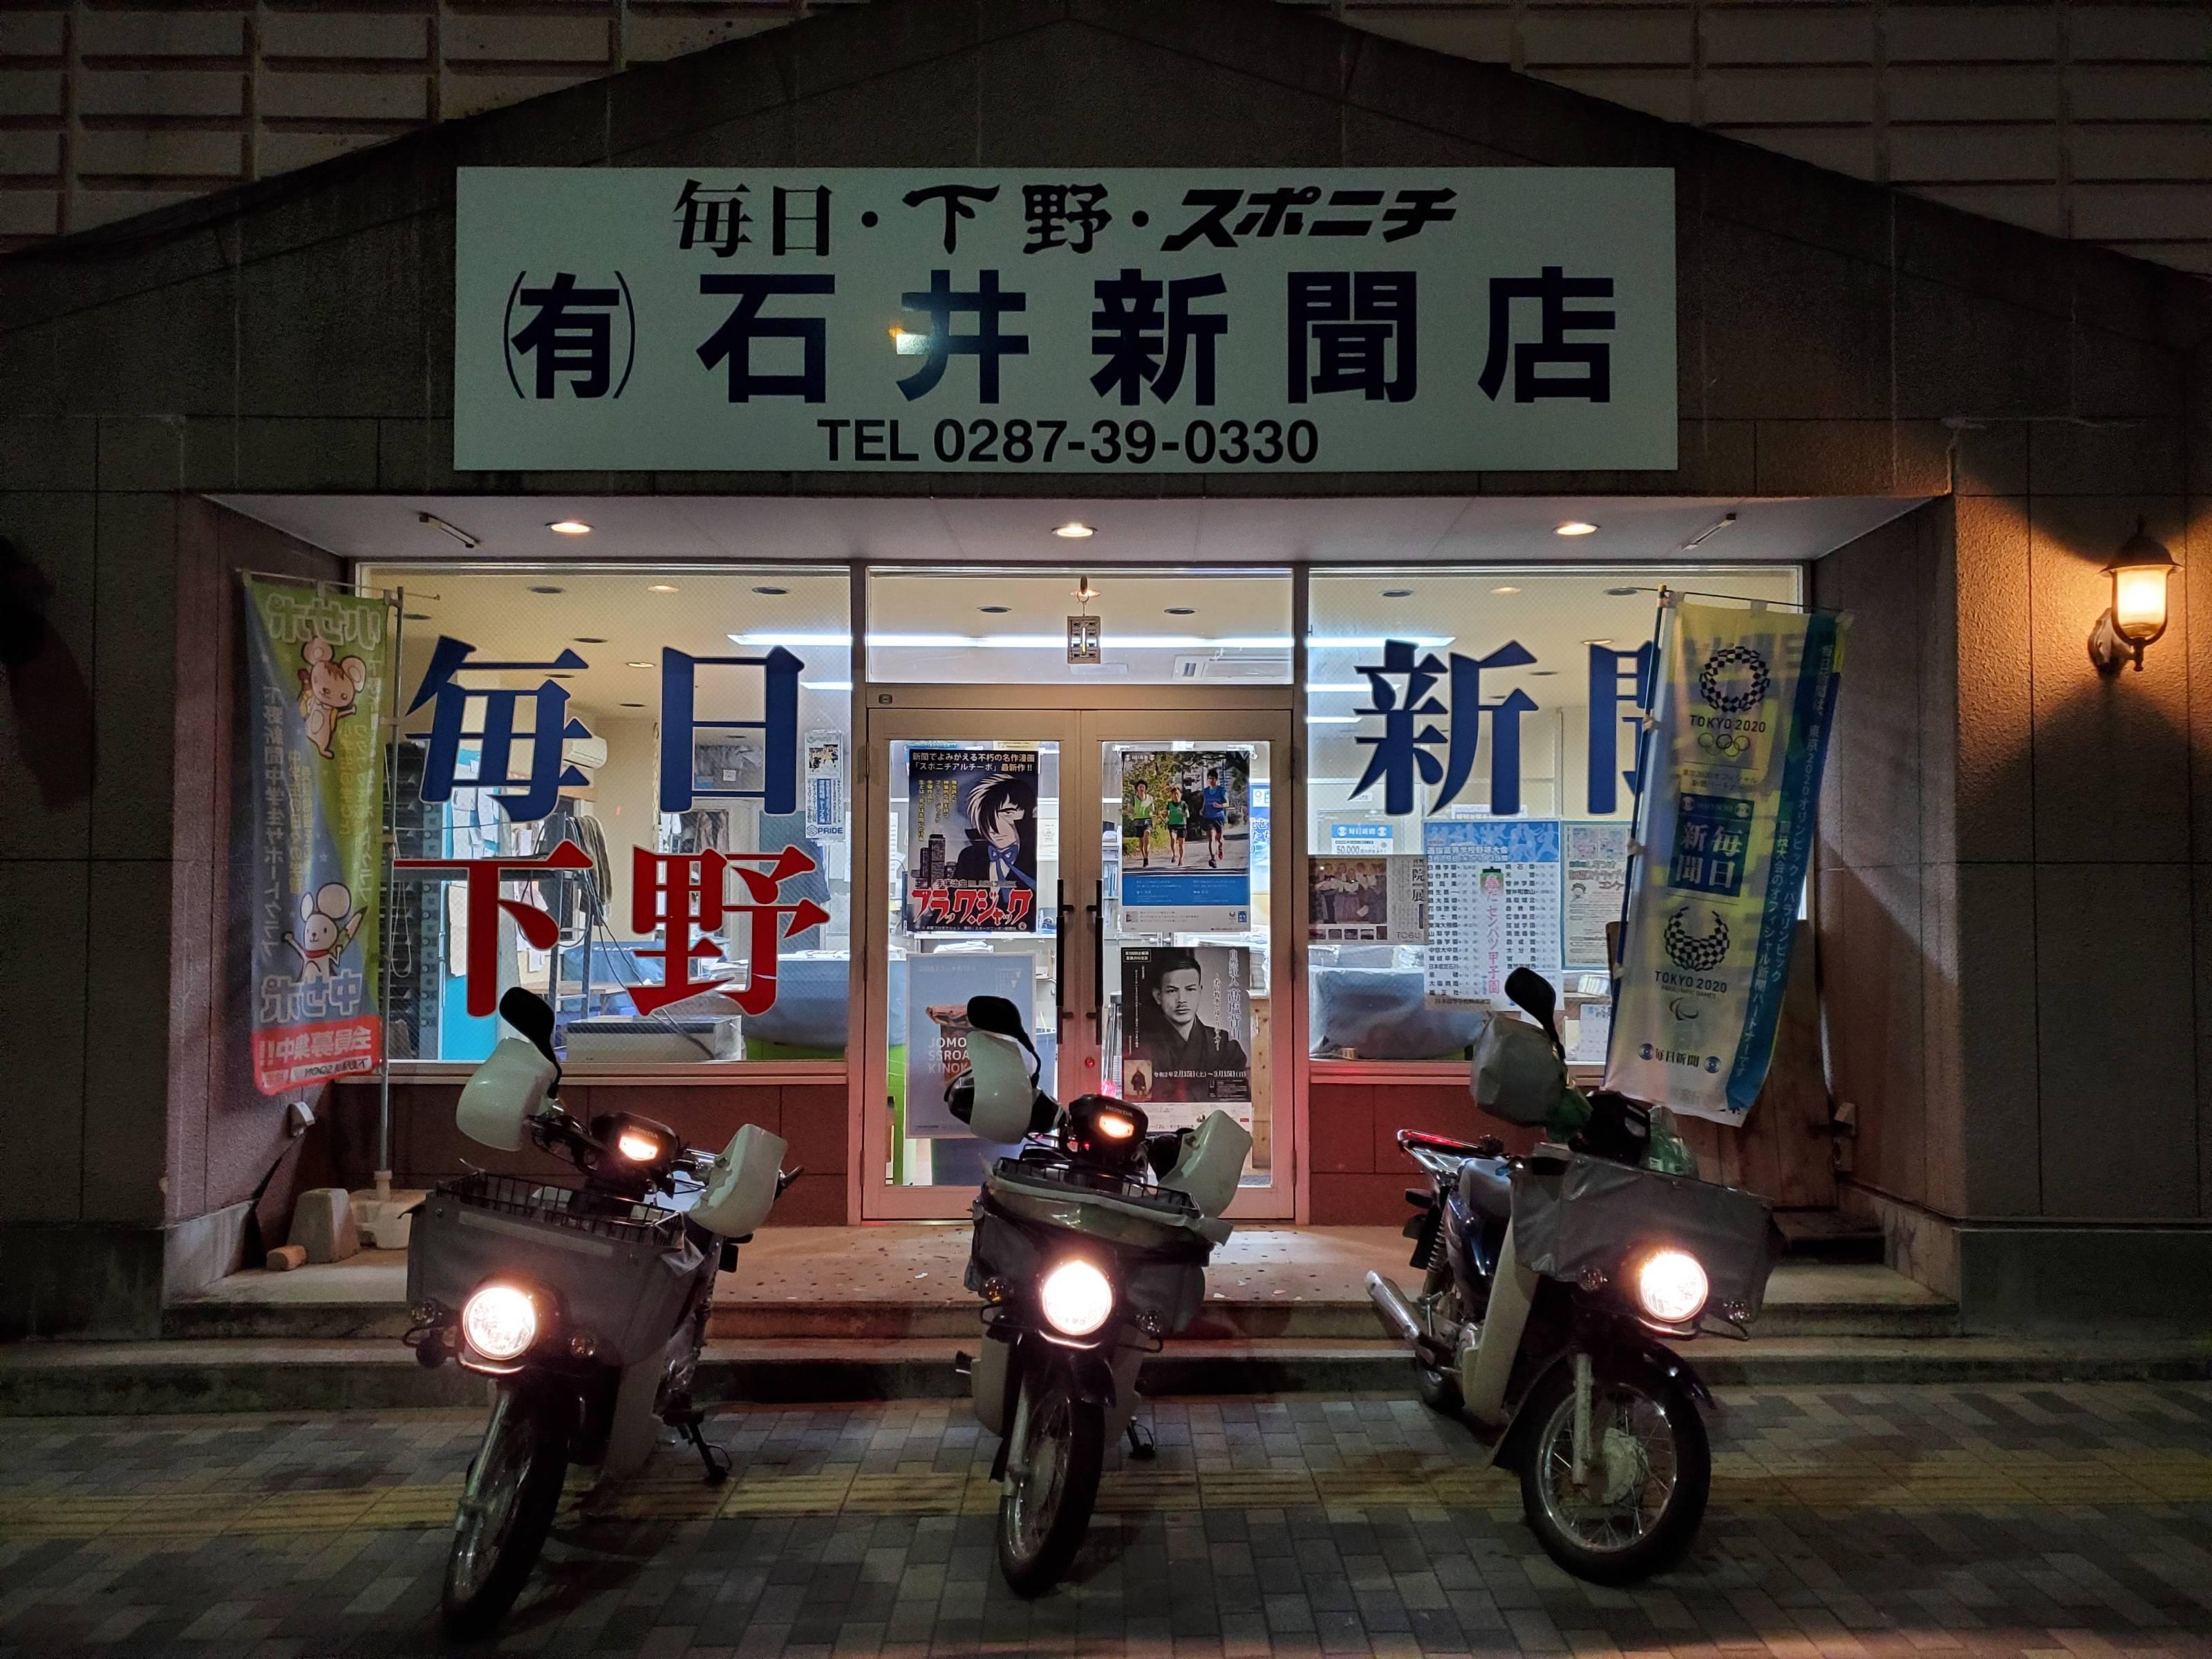 ㈲石井新聞西那須野店